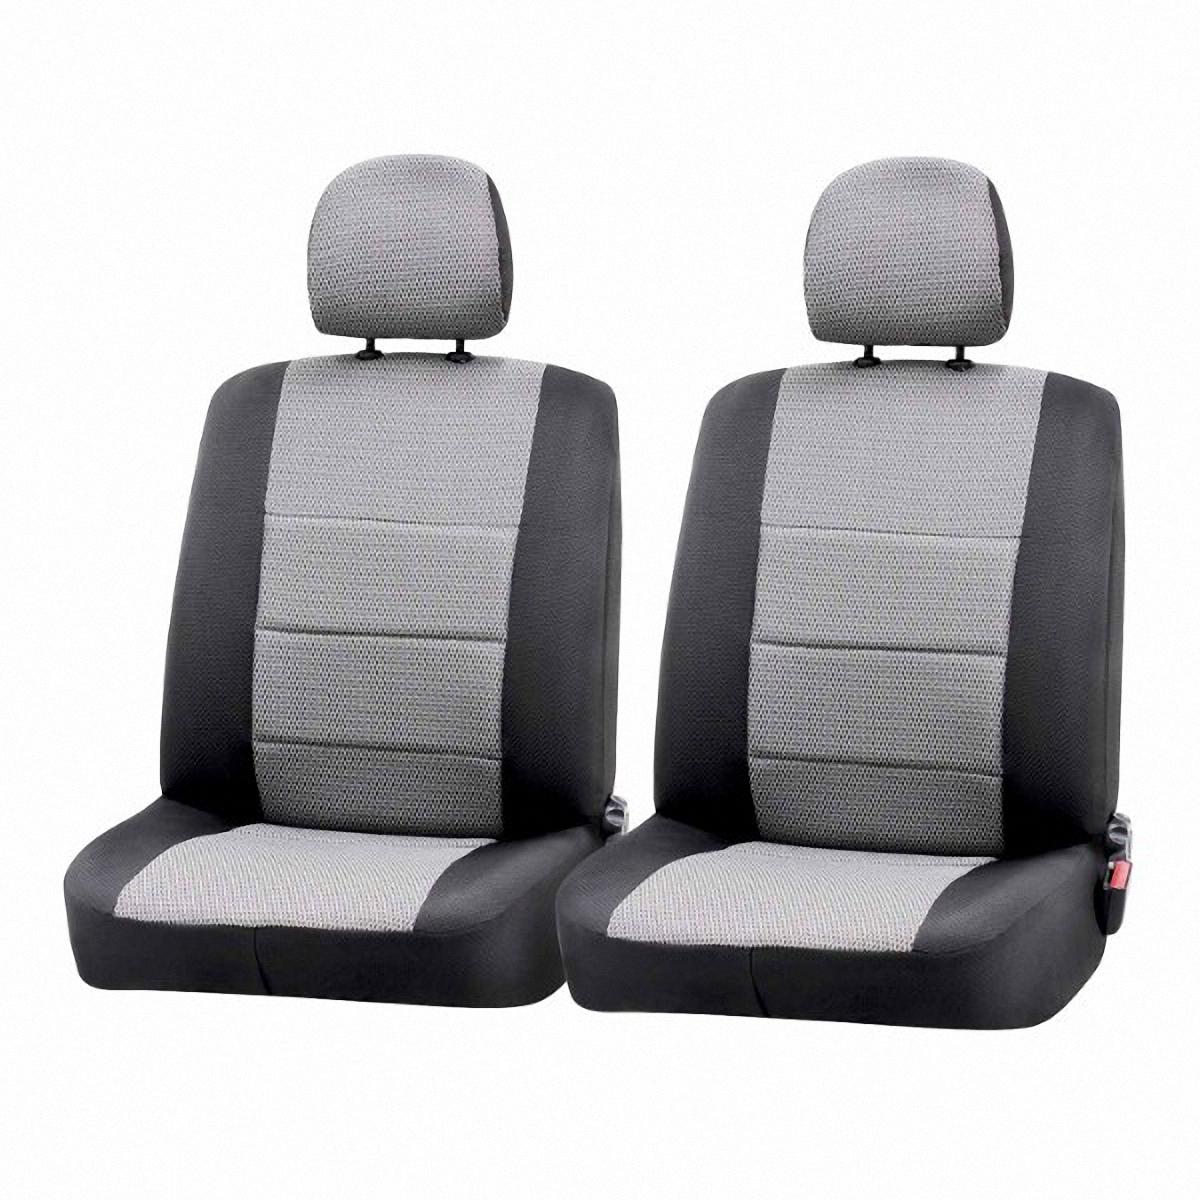 Чехол на сиденье Skyway Chevrolet Cobalt (седан). Ch2-1 чехол на сиденье skyway toyota corolla седан ty2 2